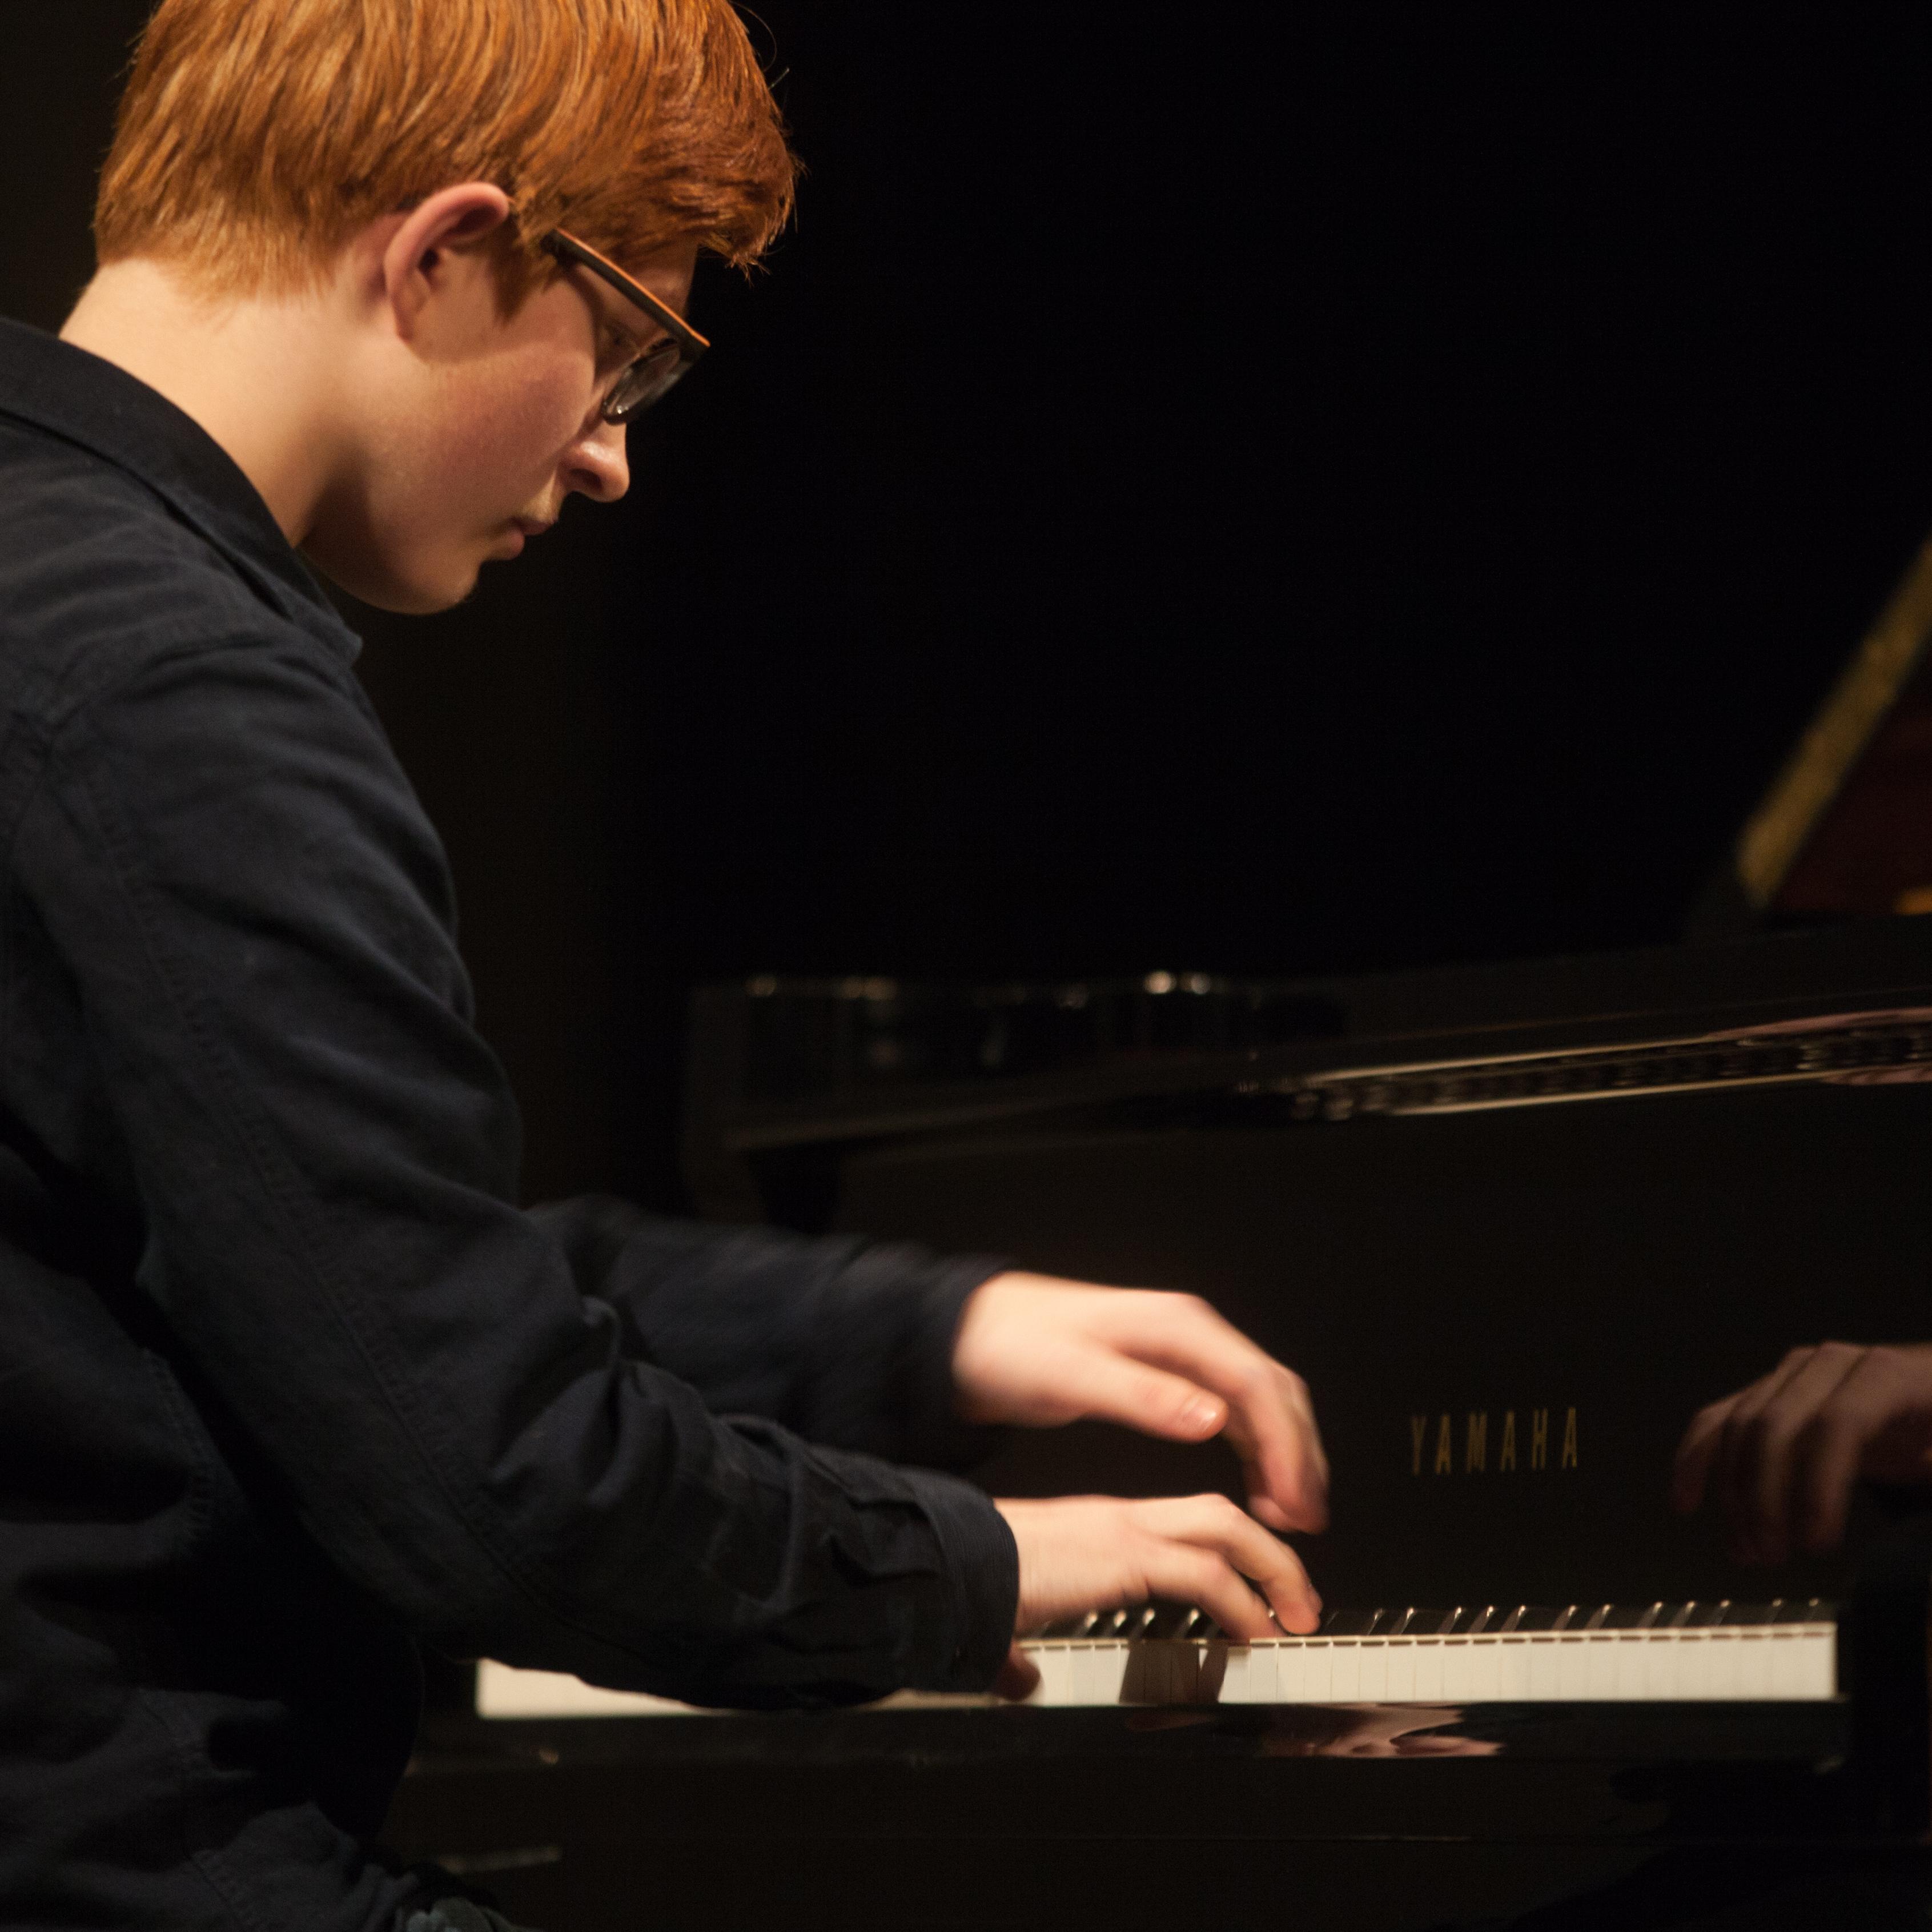 fotonemec_gsd_pianisti-30